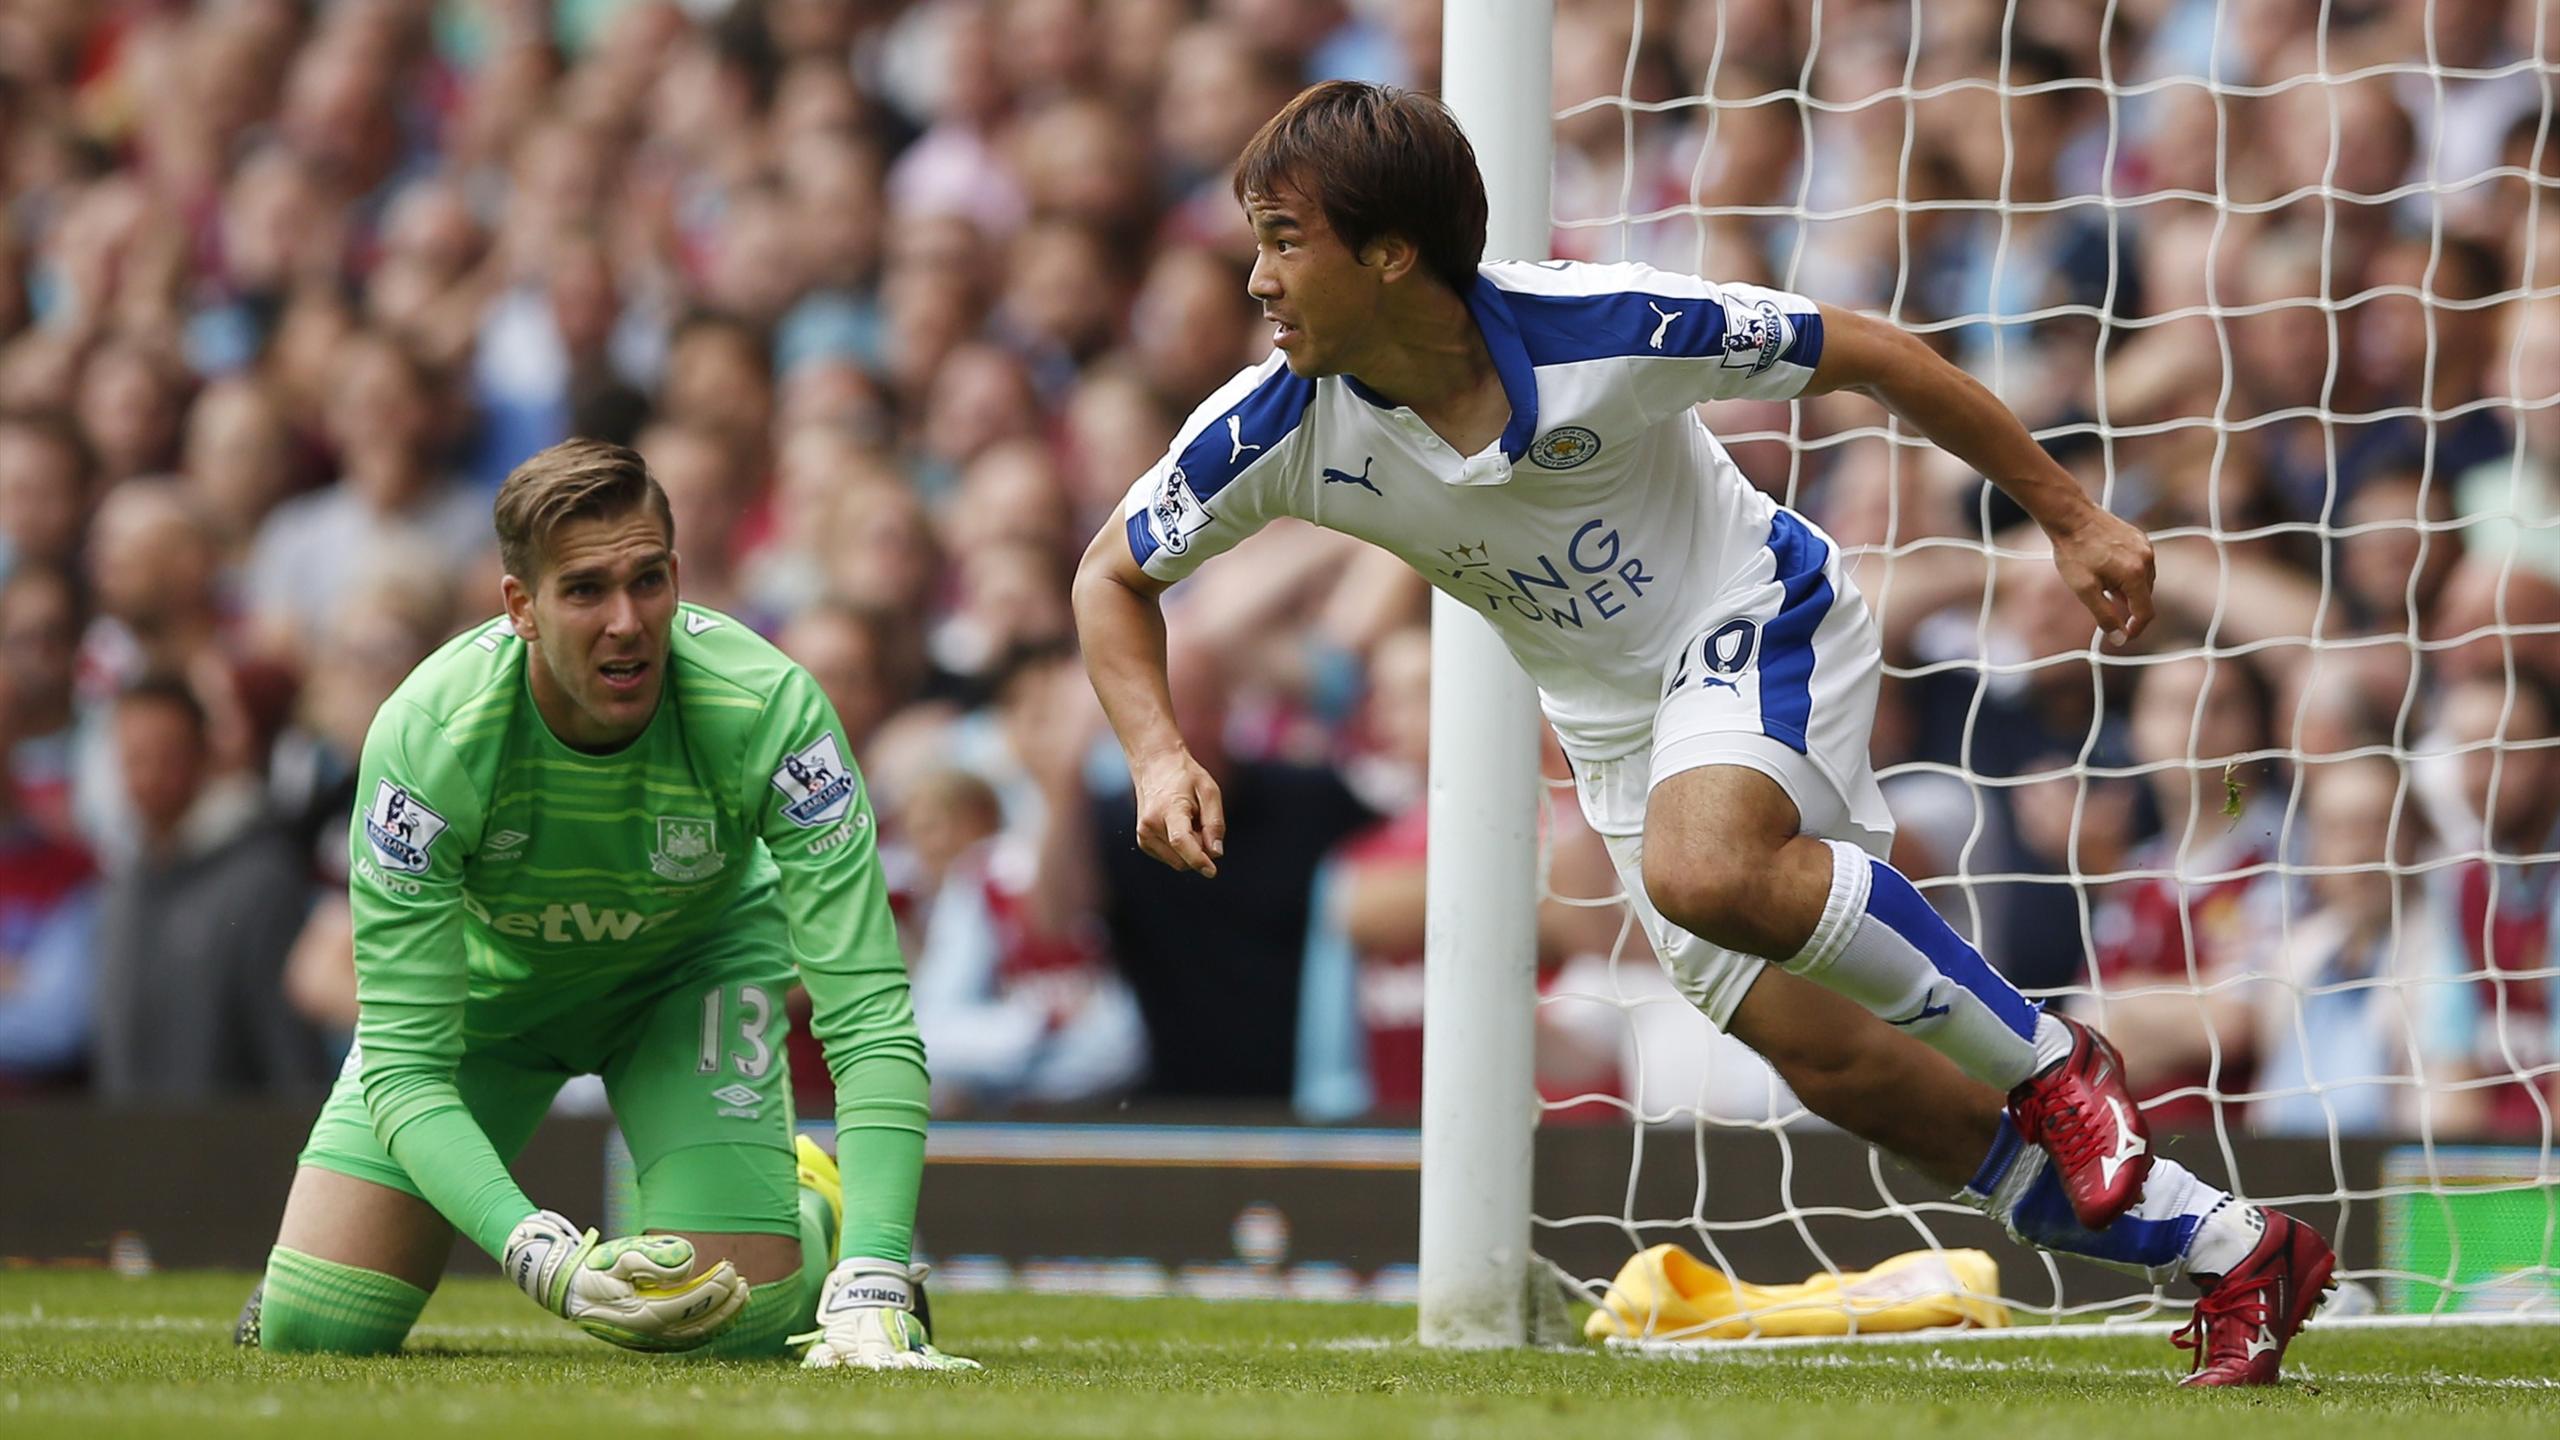 Shinji Okazaki celebrates scoring the first goal for Leicester as West Ham's Adrian looks on